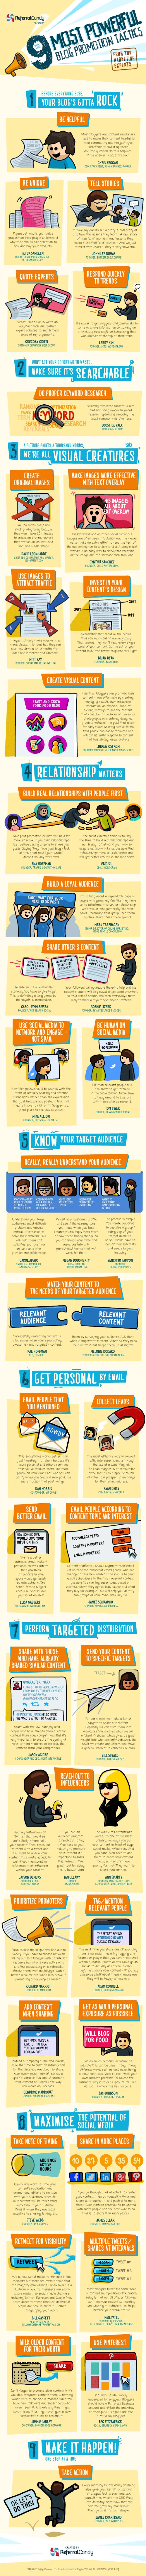 blogging tips promotion